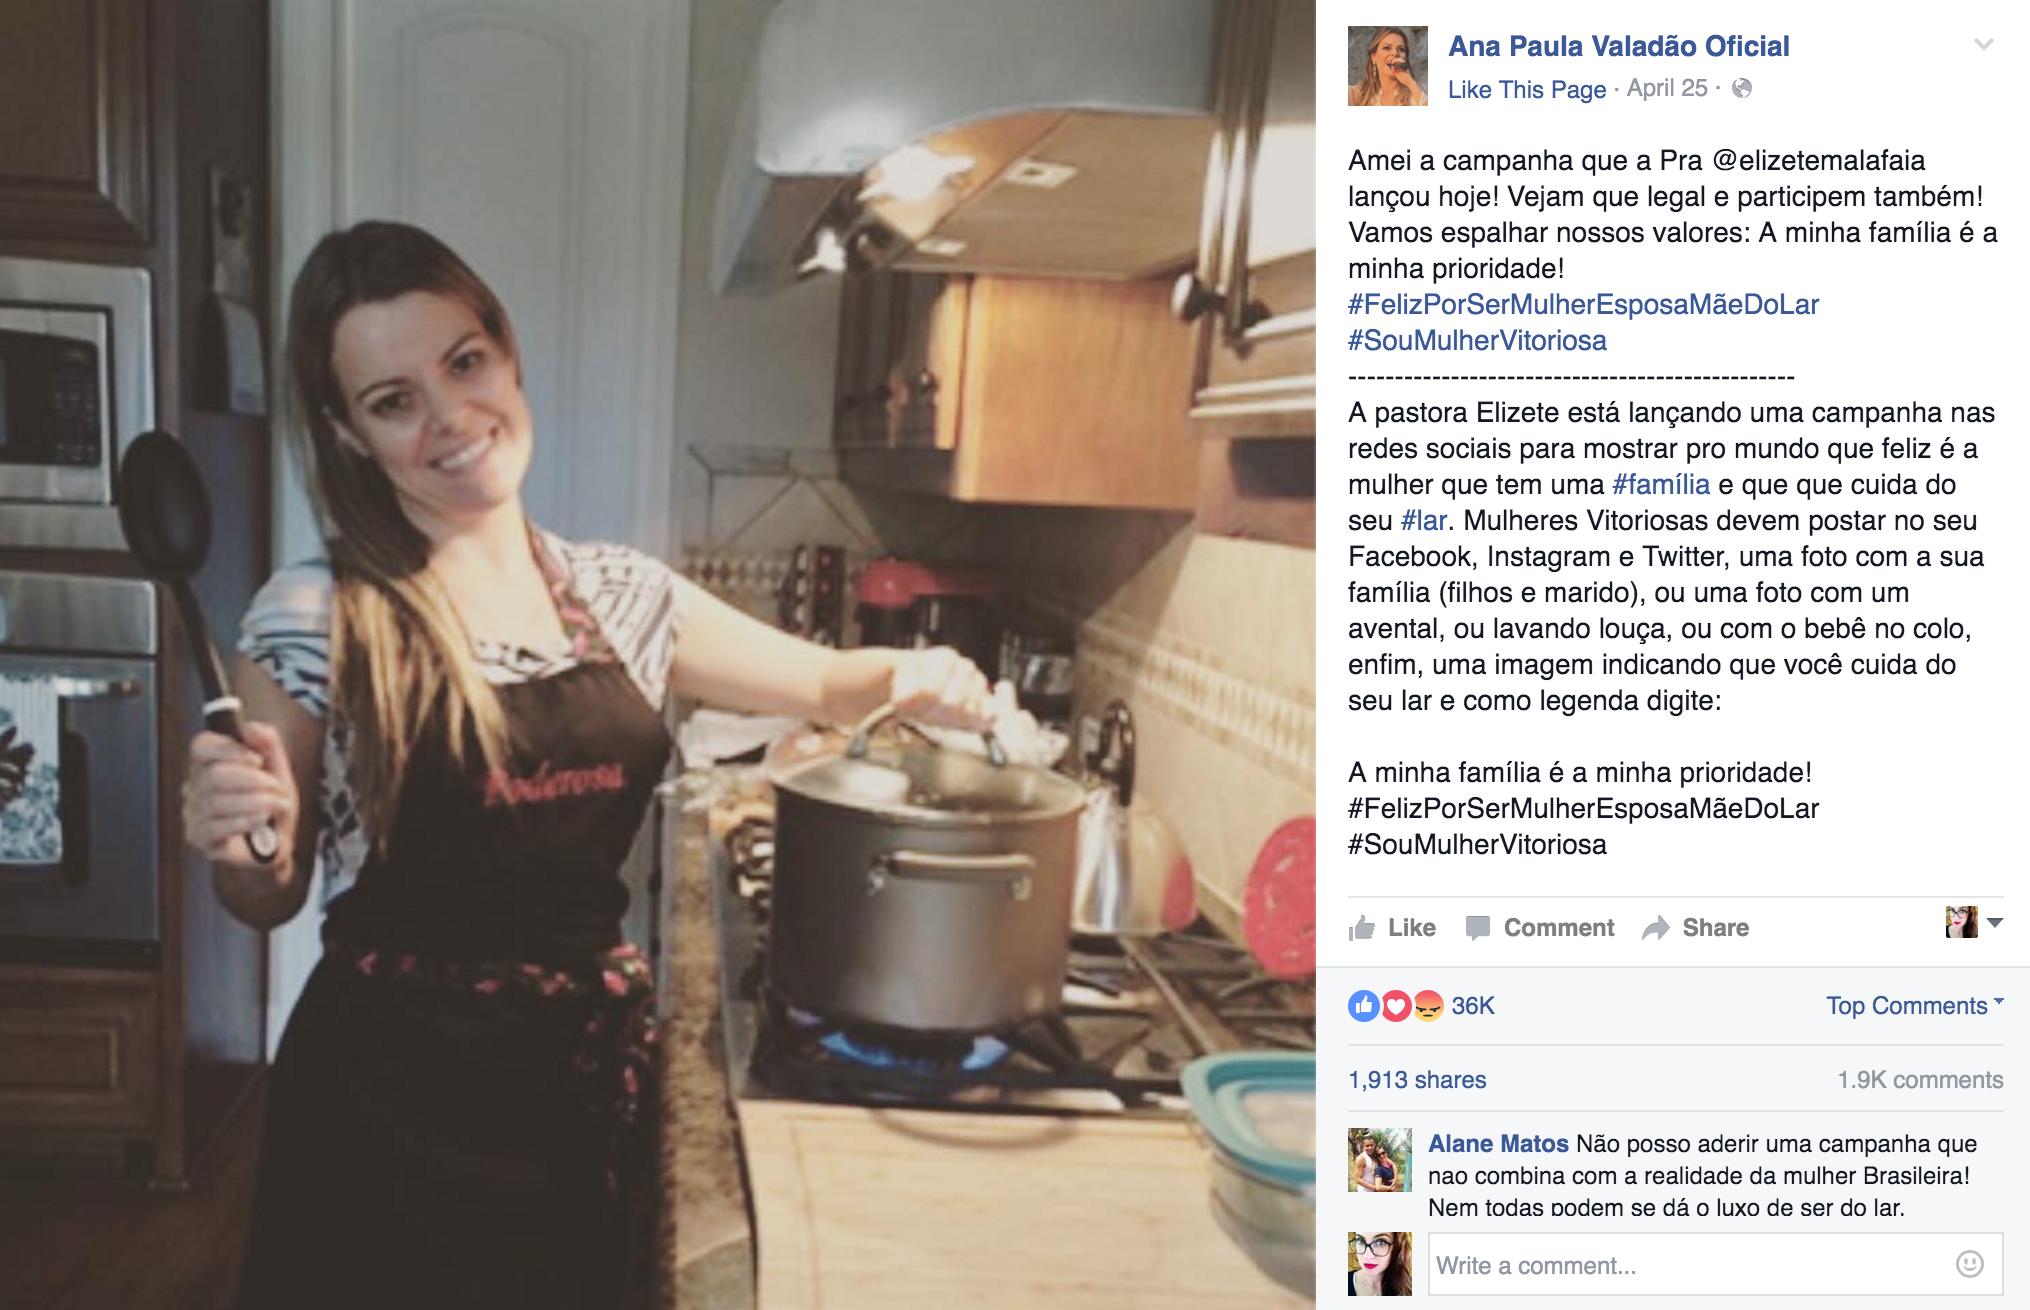 Campanha #SouMulherVitoriosa: post original de Ana Paula Valadão.